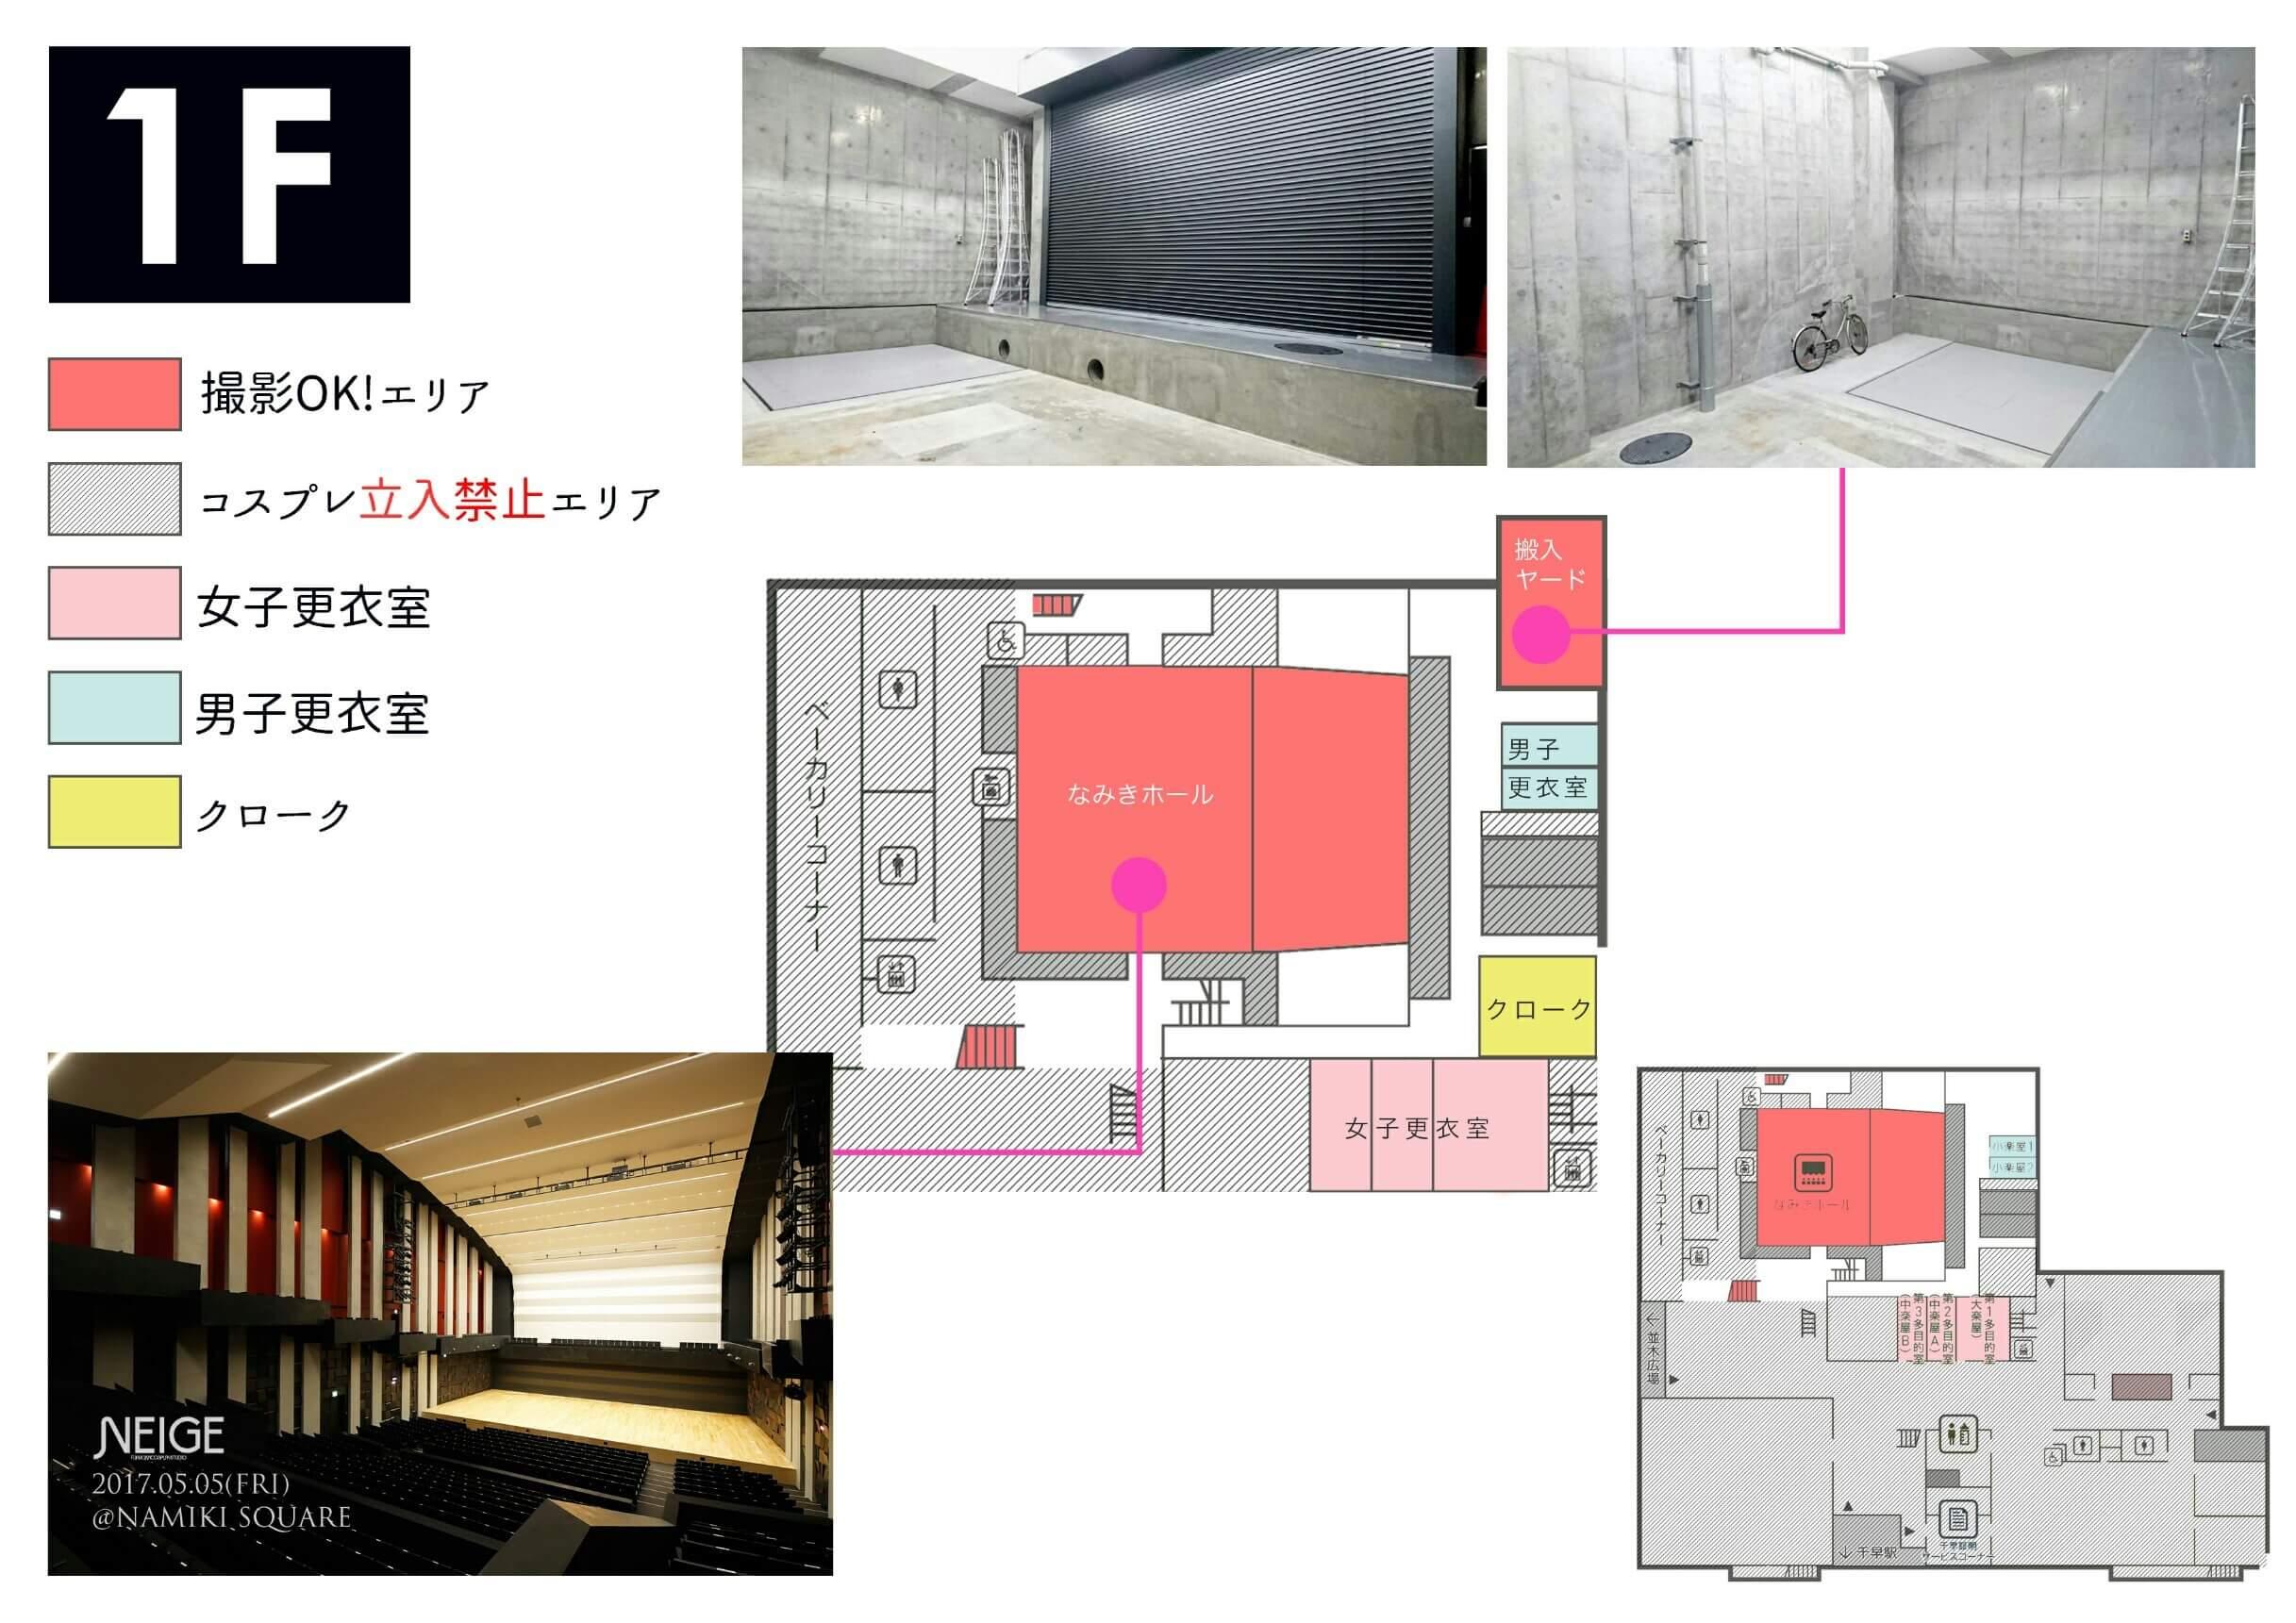 福岡コスプレスタジオNEIGE(ネージュ)